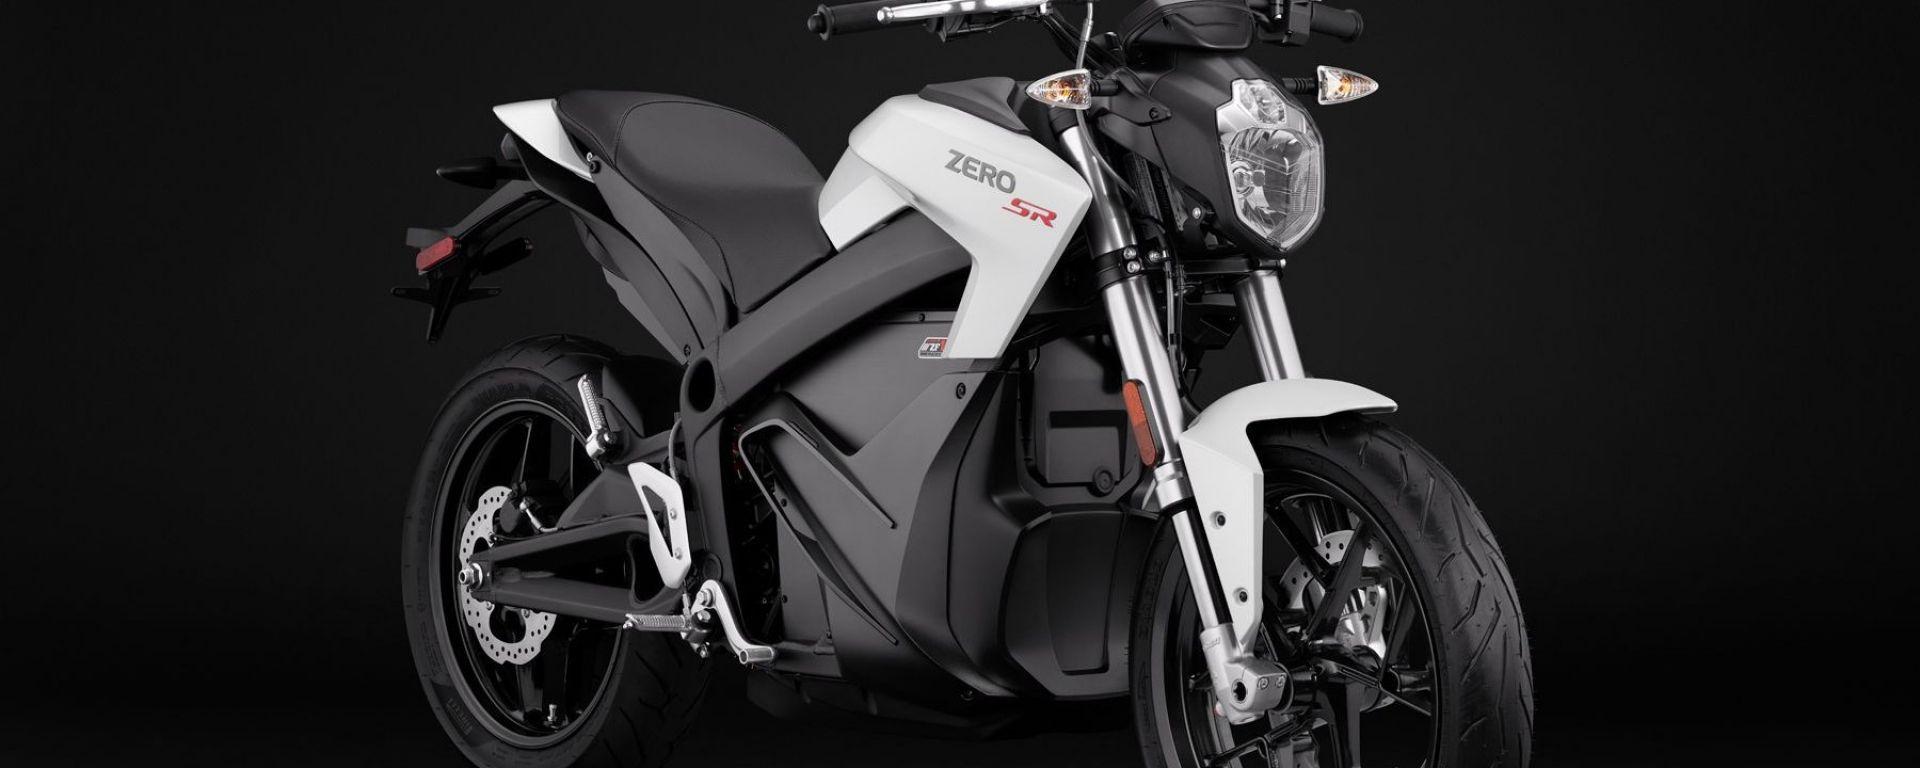 Zero Motorcycle Zero SR